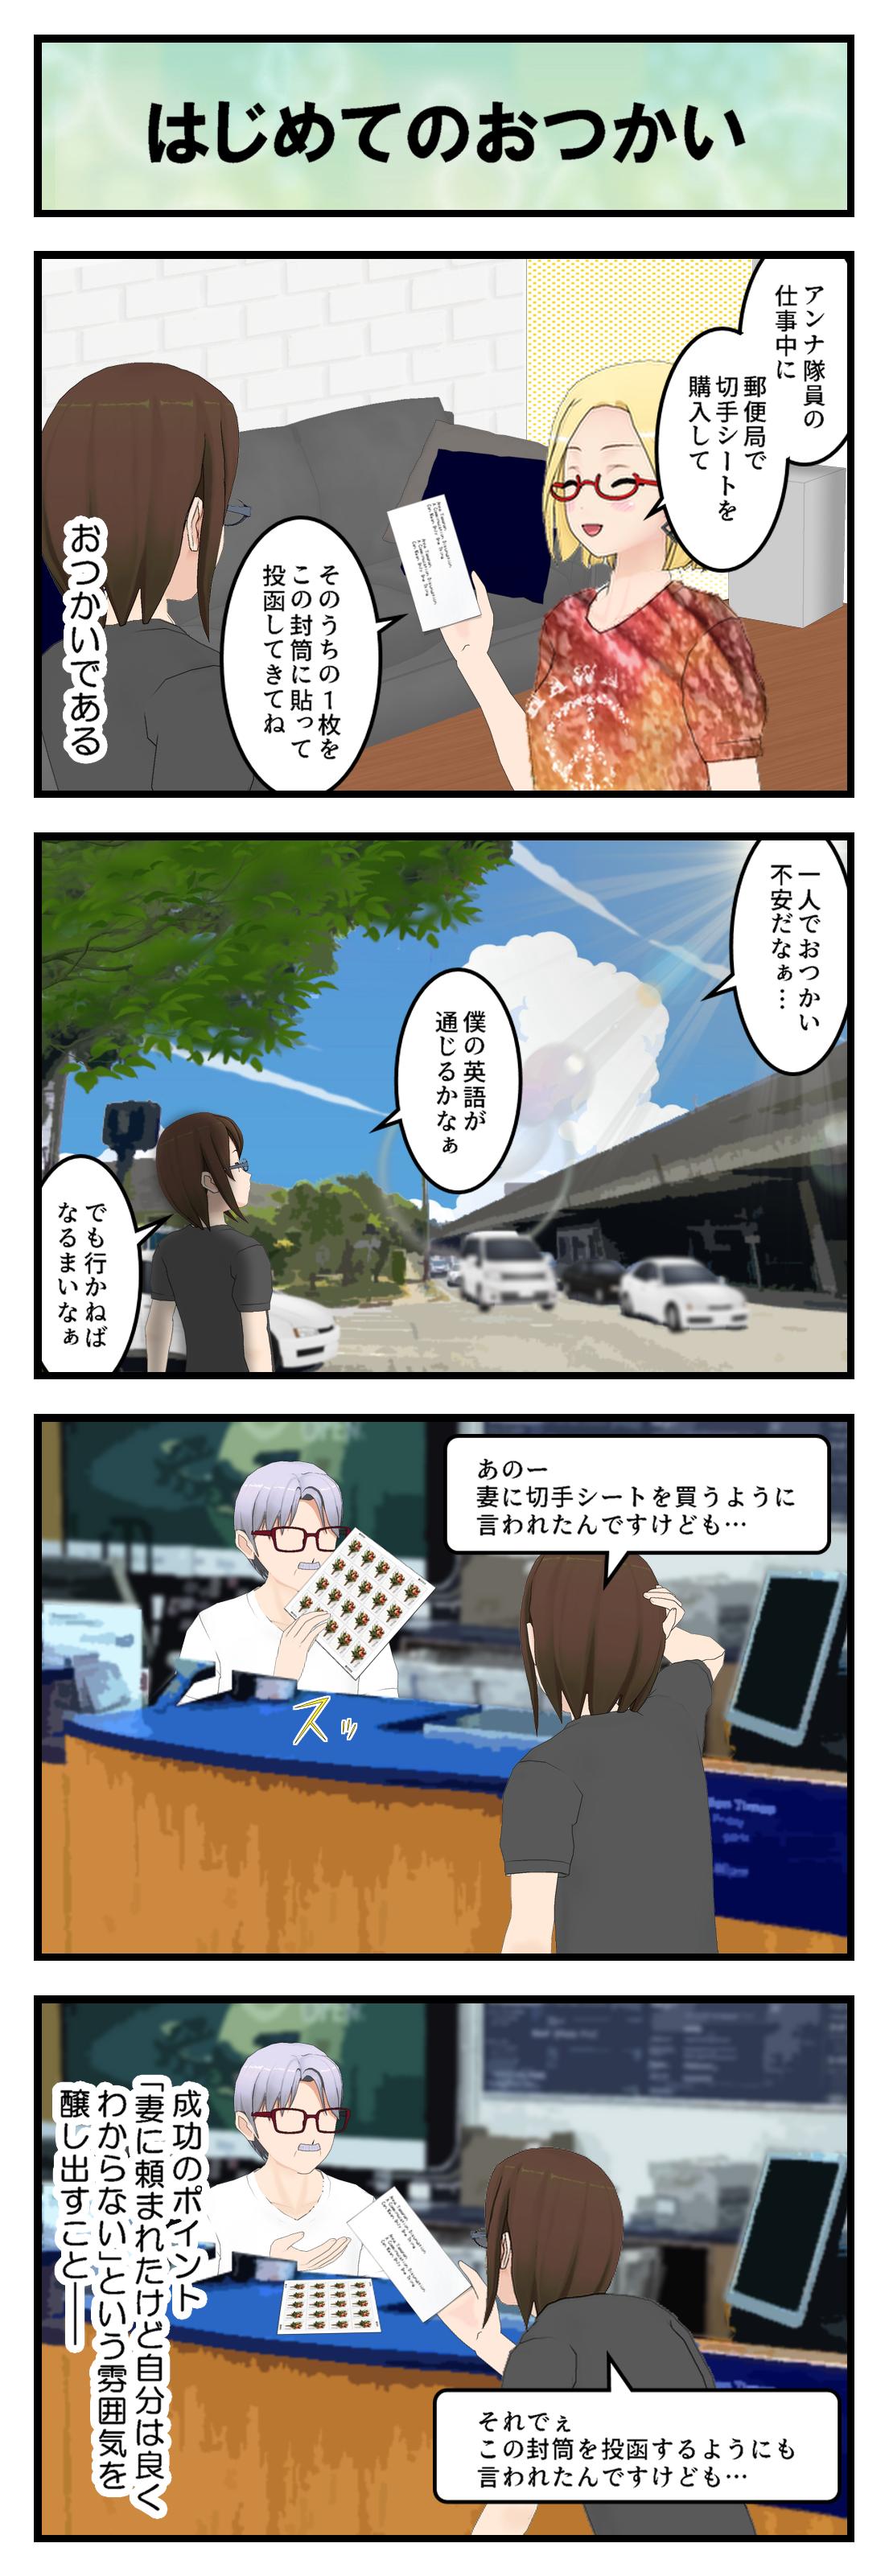 R030_郵便局へのおつかい_001